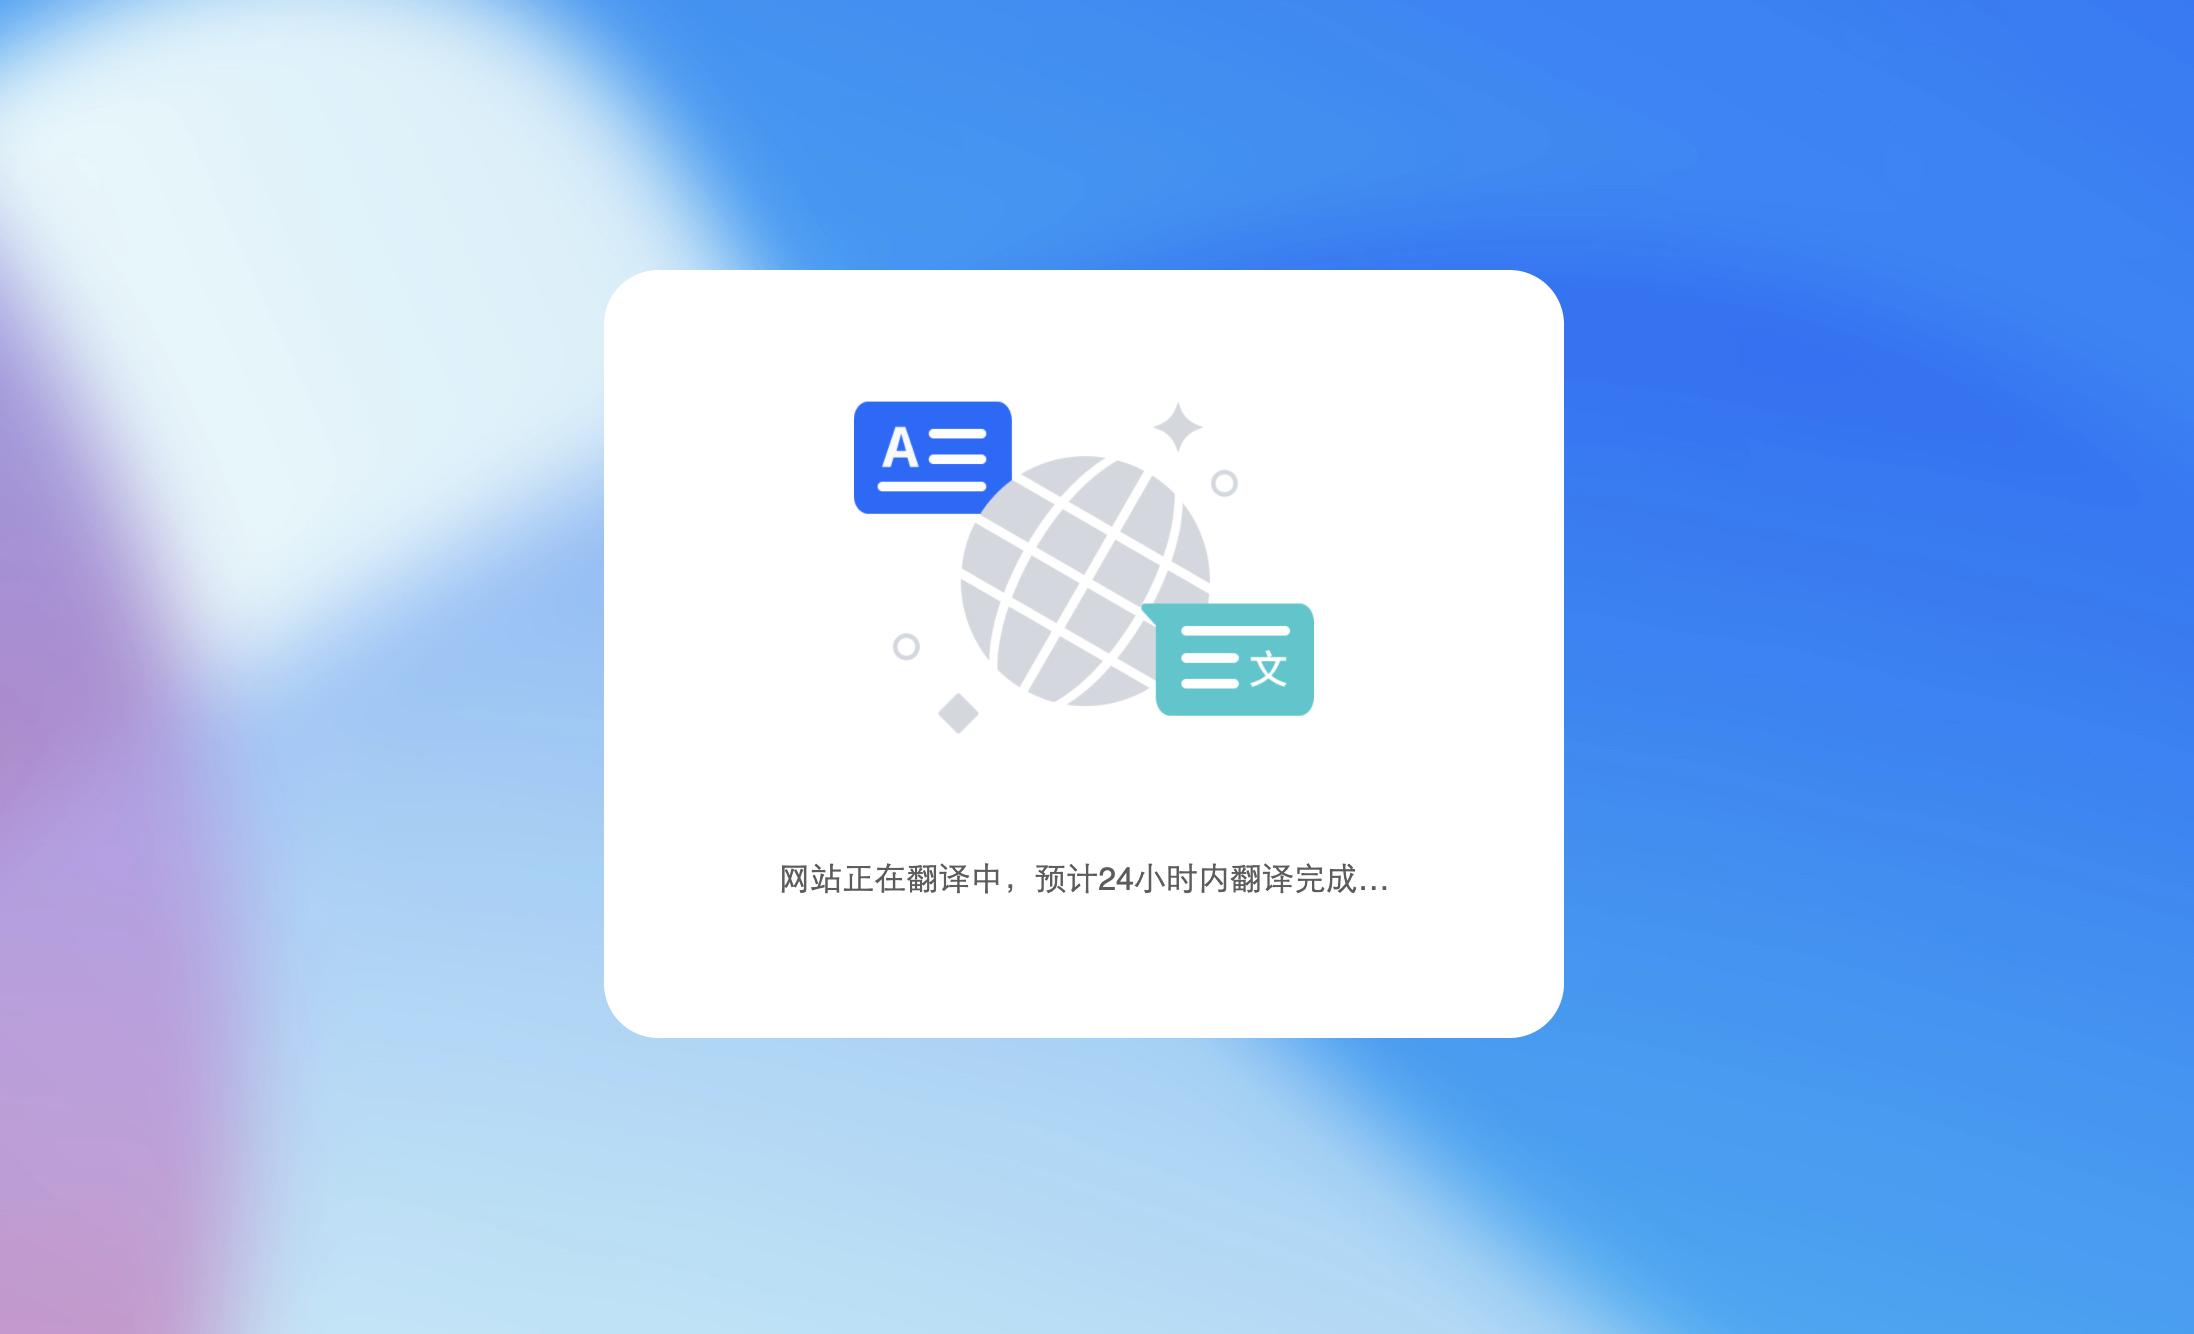 11_4翻译(11-27-10-26-19)